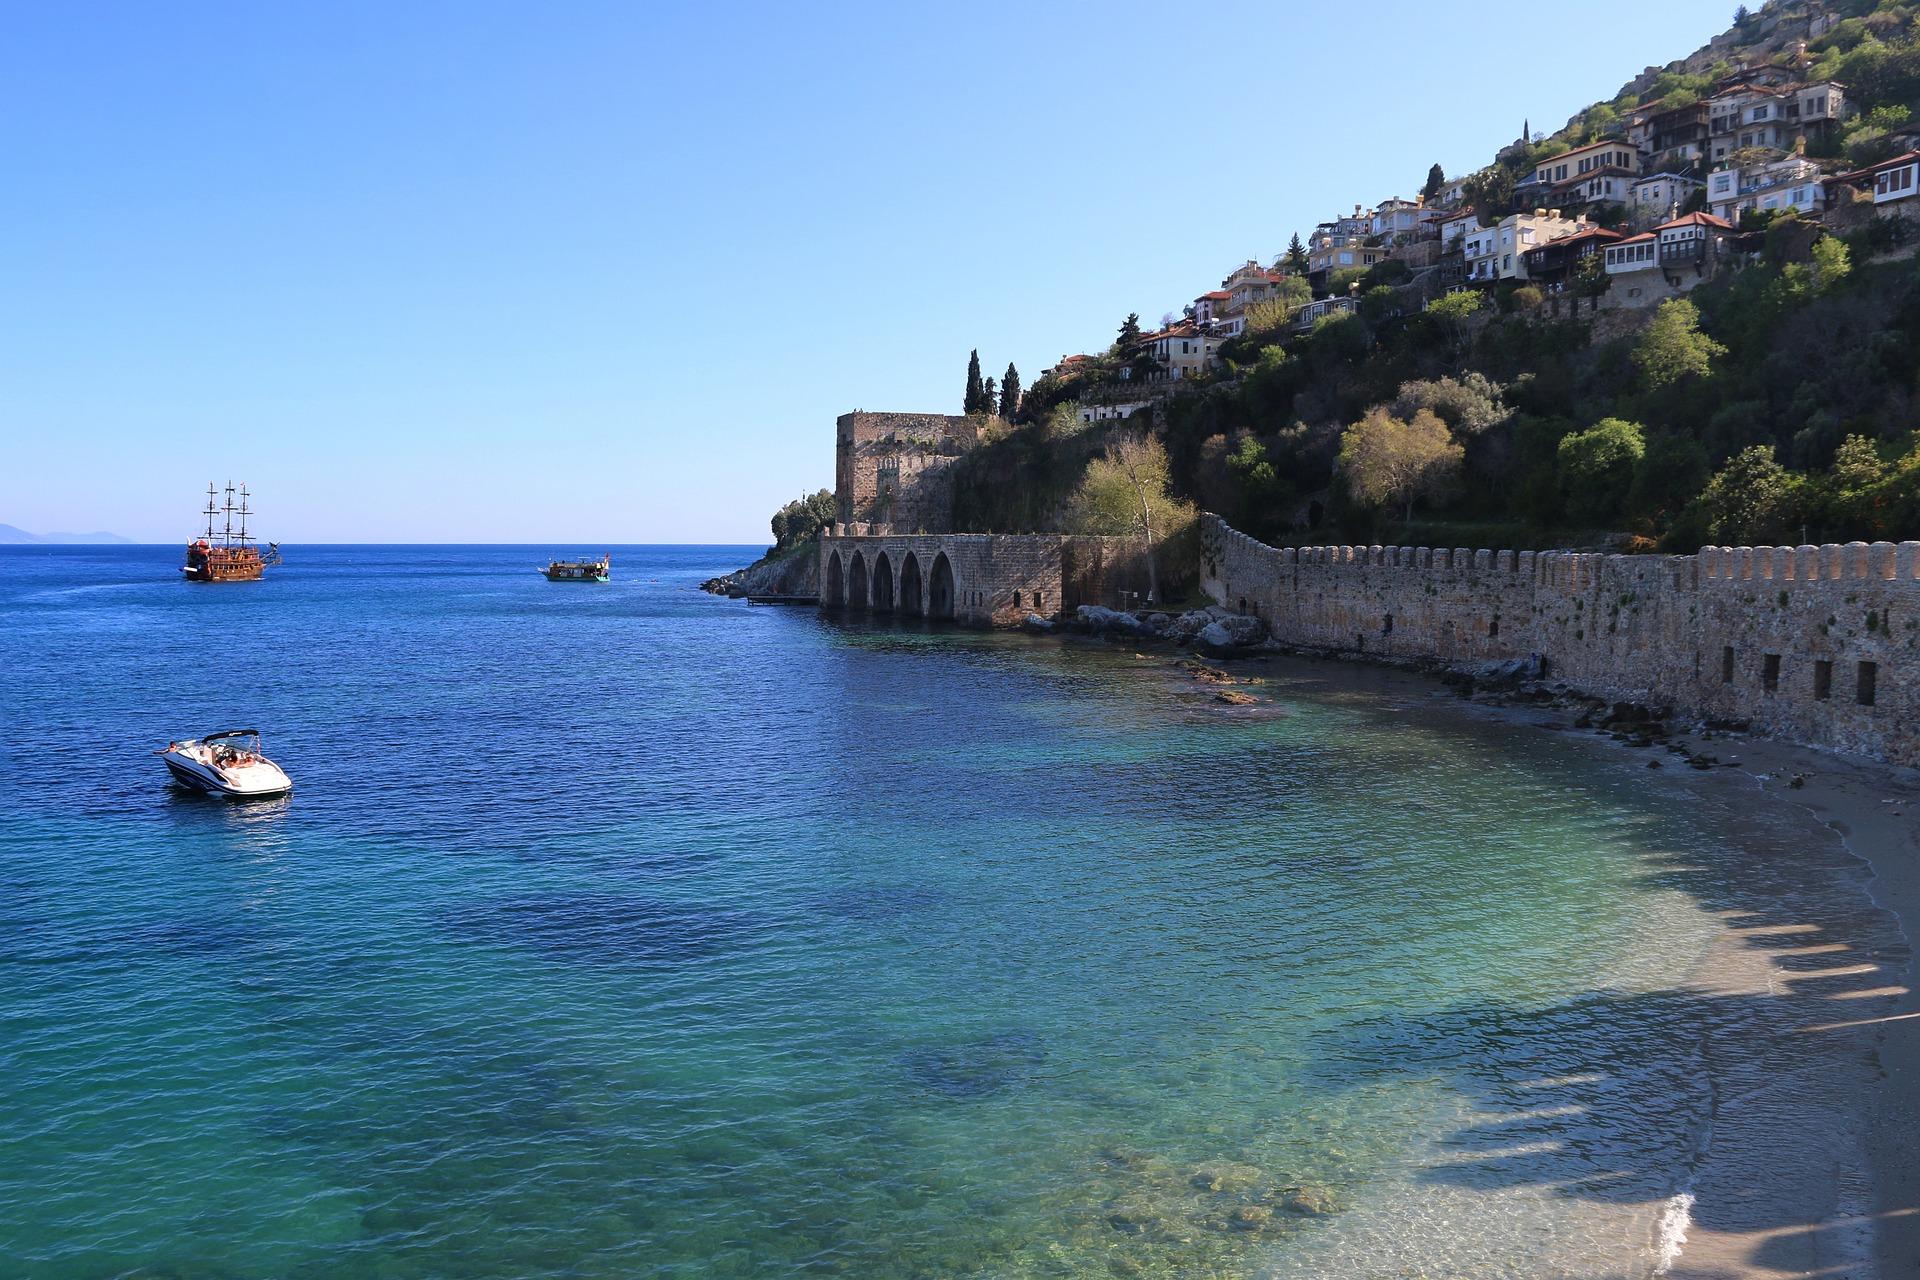 Städtereise Alanya 7 Nächte in der Villa Sonata ab 123,60€ - Türkei Urlaub